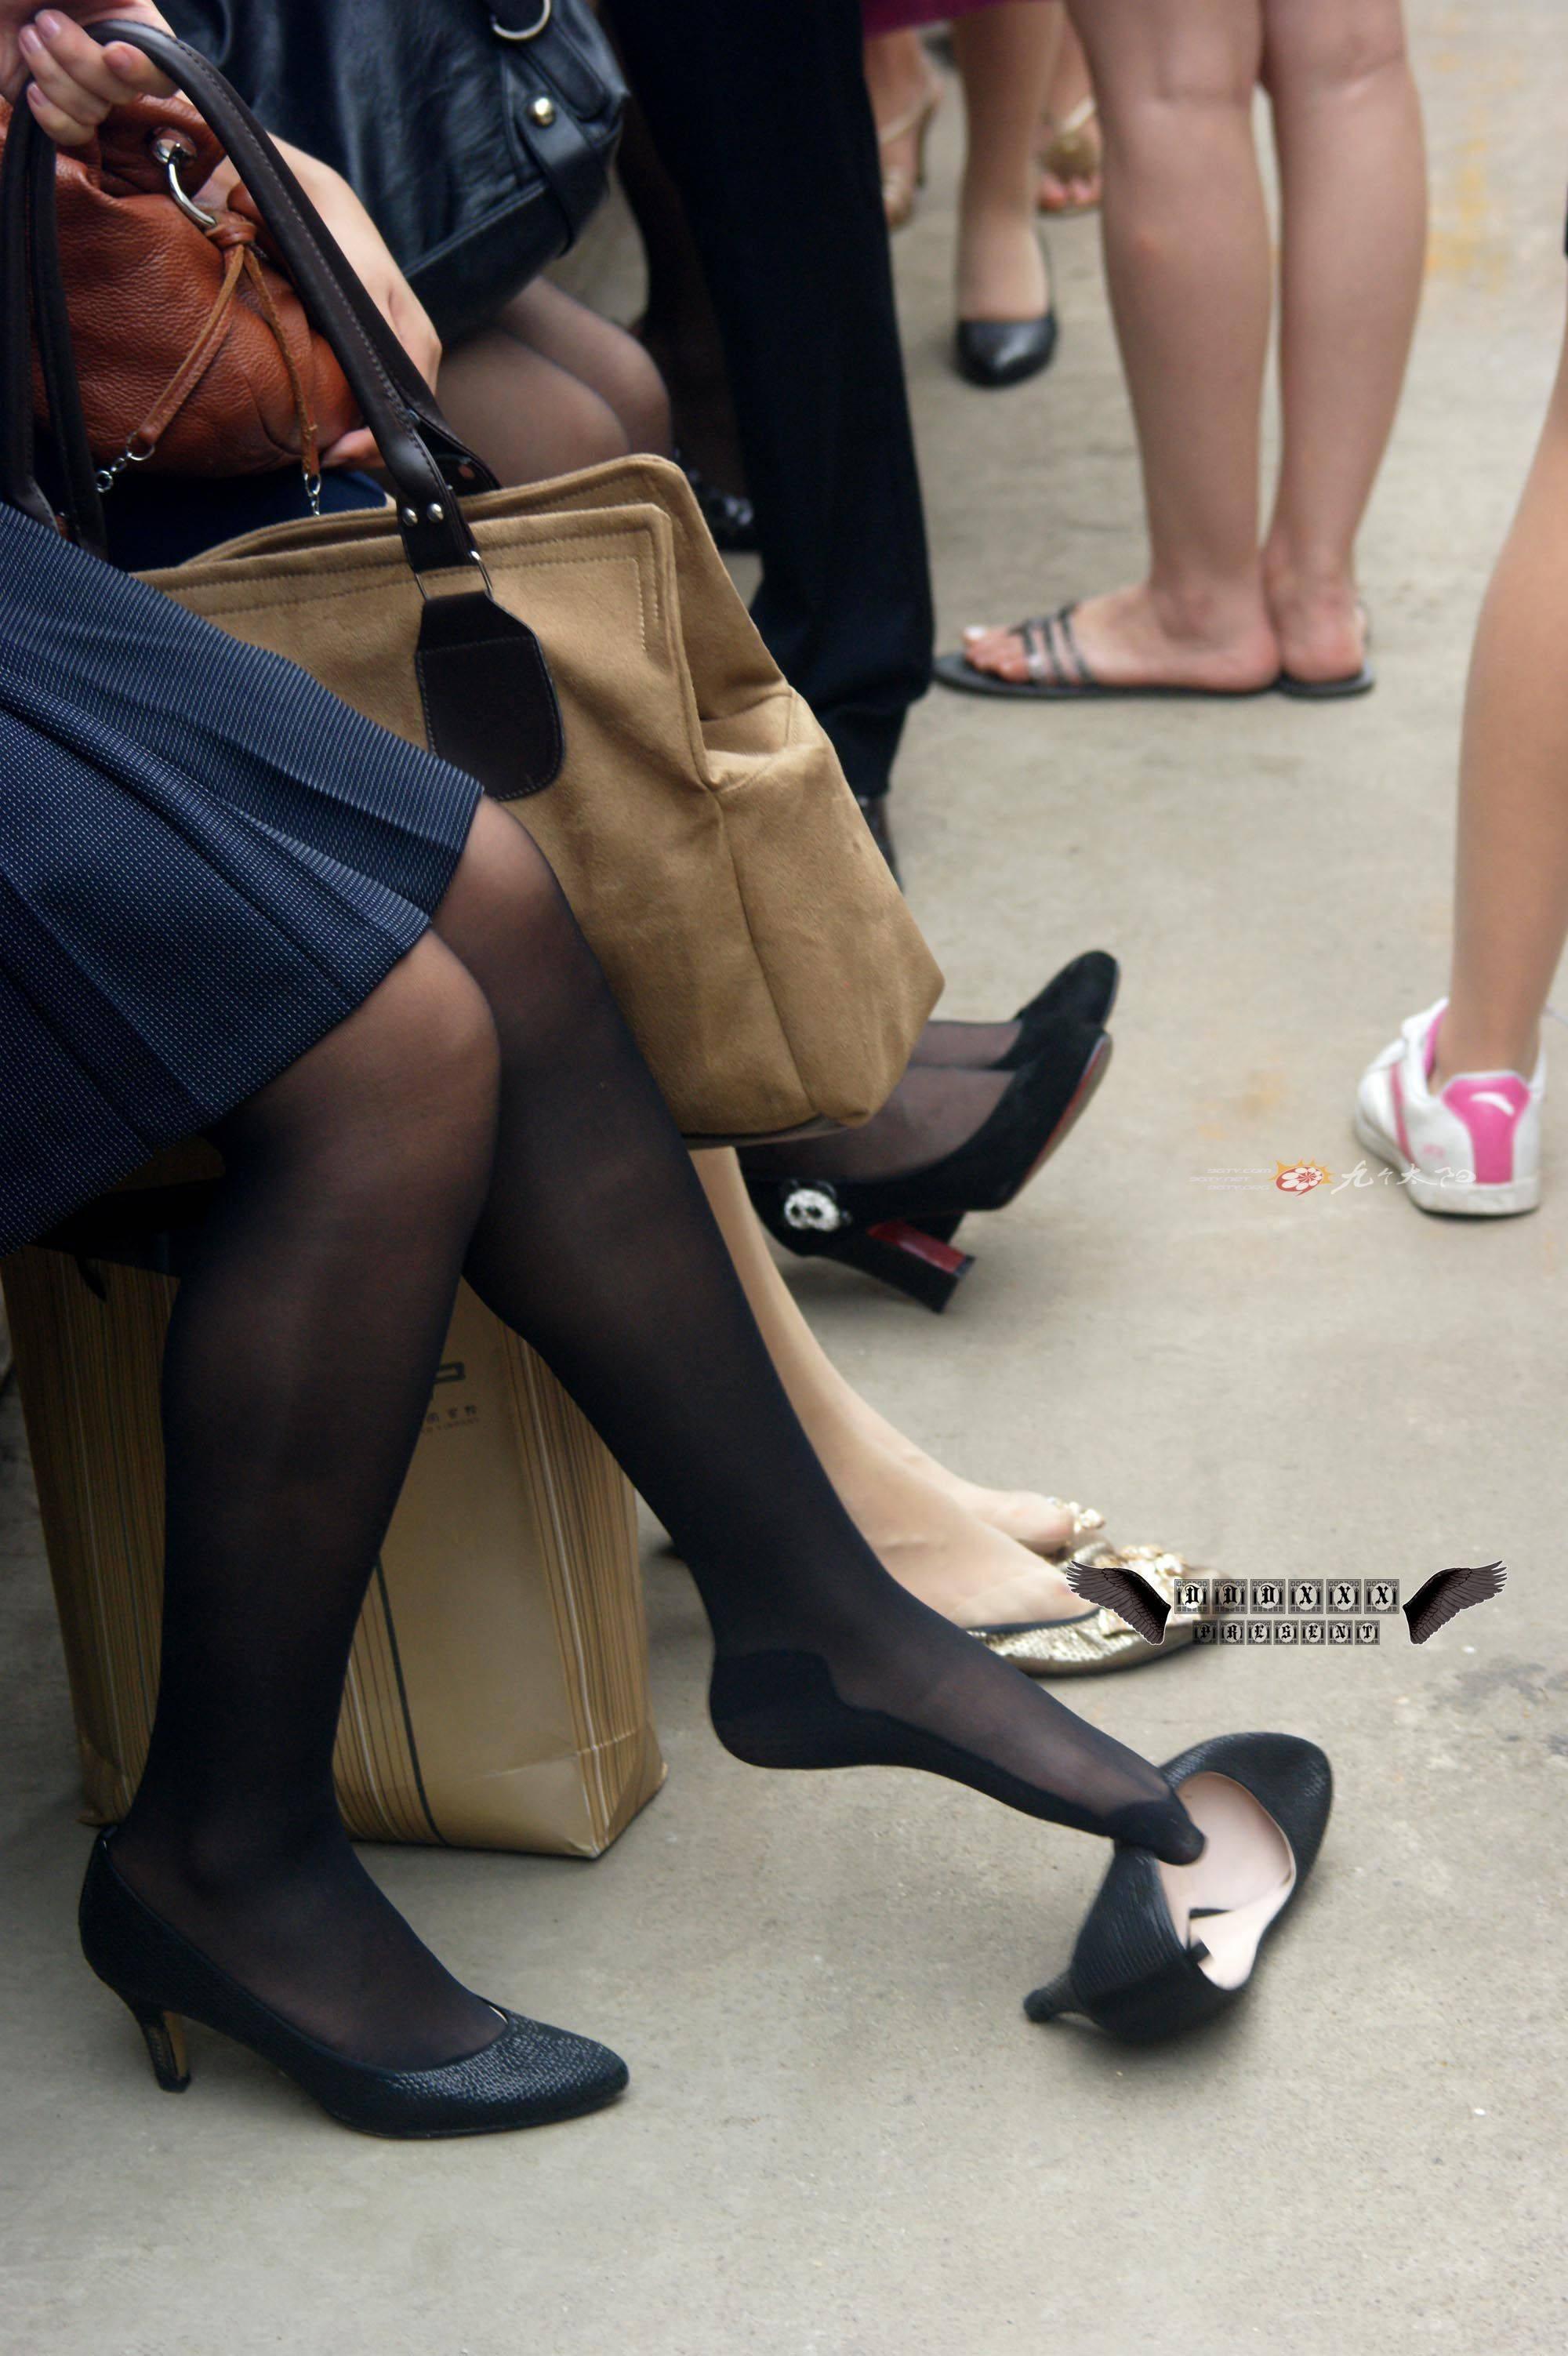 黑丝骚货做爱_黑丝高跟鞋就在哪翘你个学校的,女老师吧,操,绝对是个骚货,如果你真的